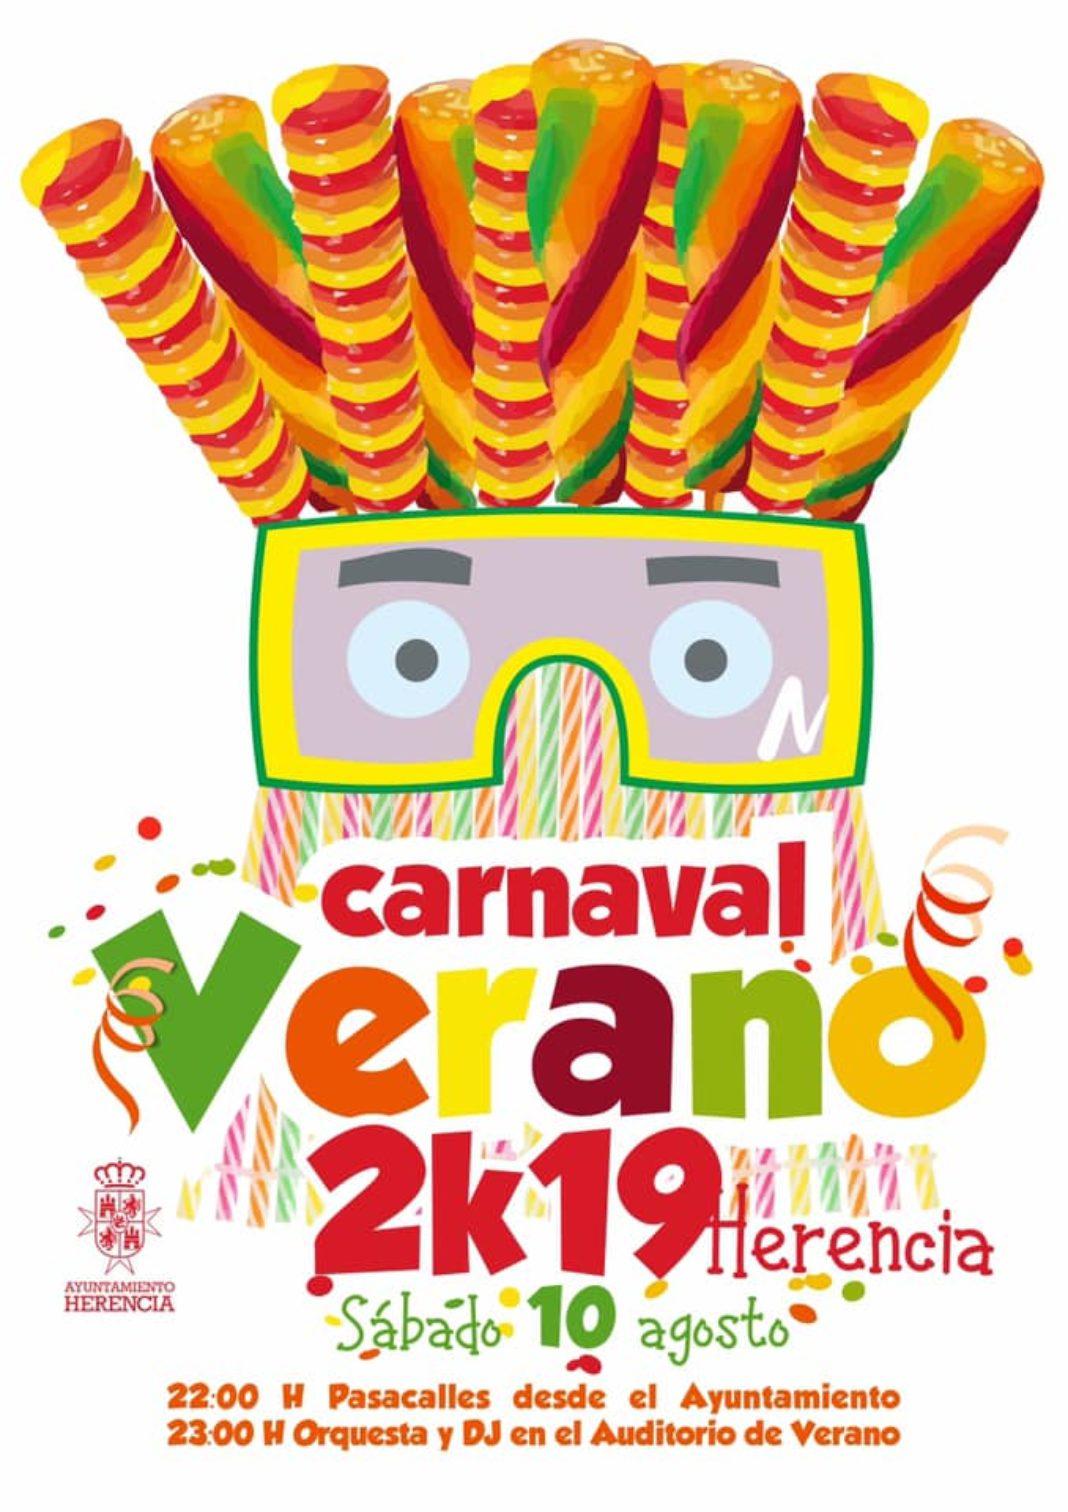 carnaval de verano herencia 2019 1068x1512 - Carnaval de Verano repite en Herencia el 10 de agosto